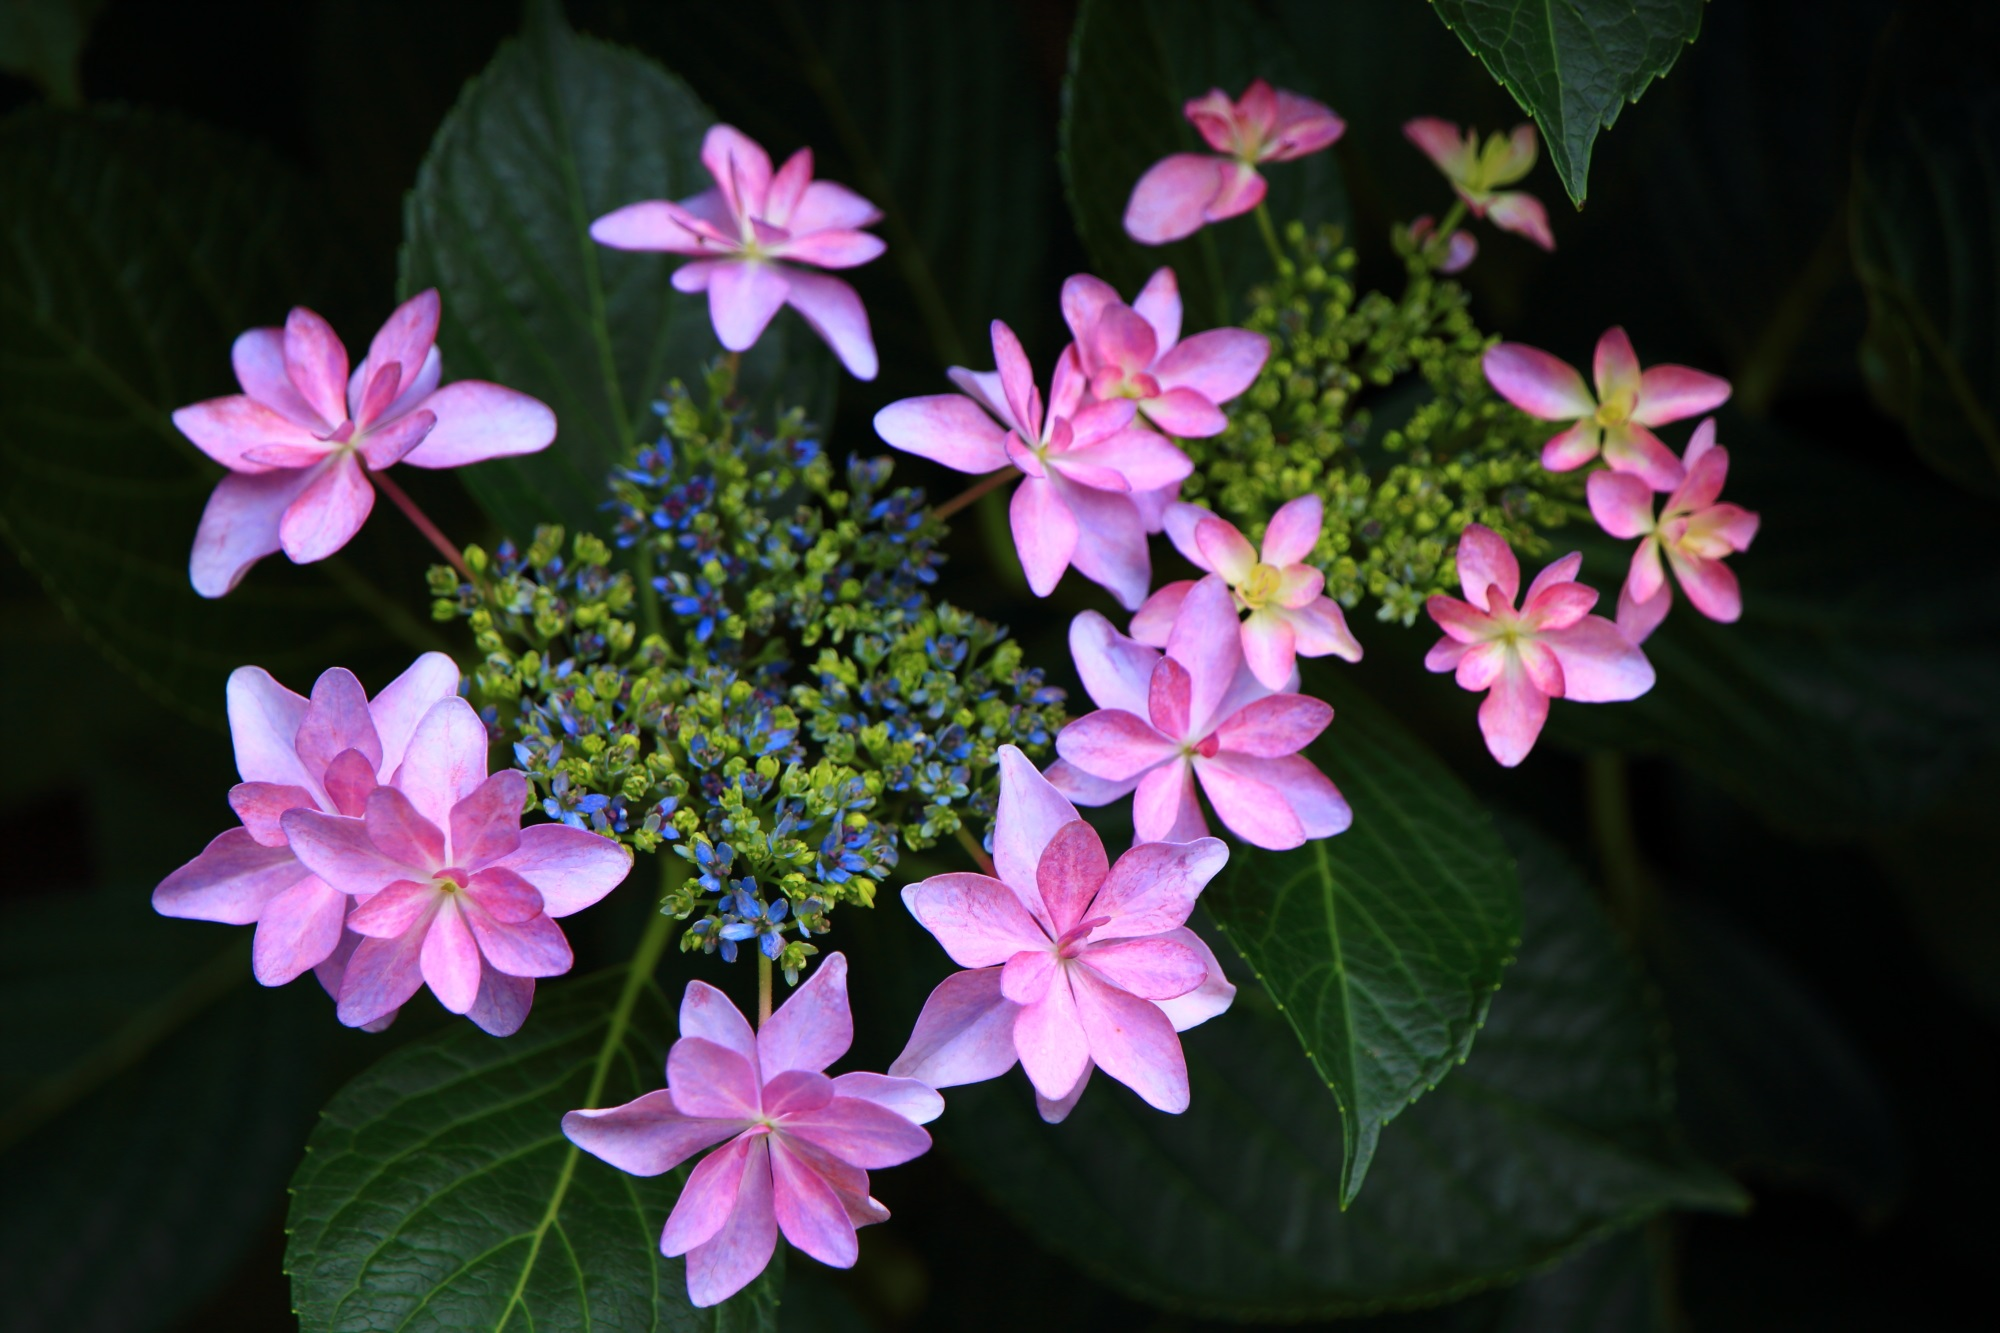 三室戸寺の風情と華やかさの感じられる星紫陽花(ホシアジサイ)